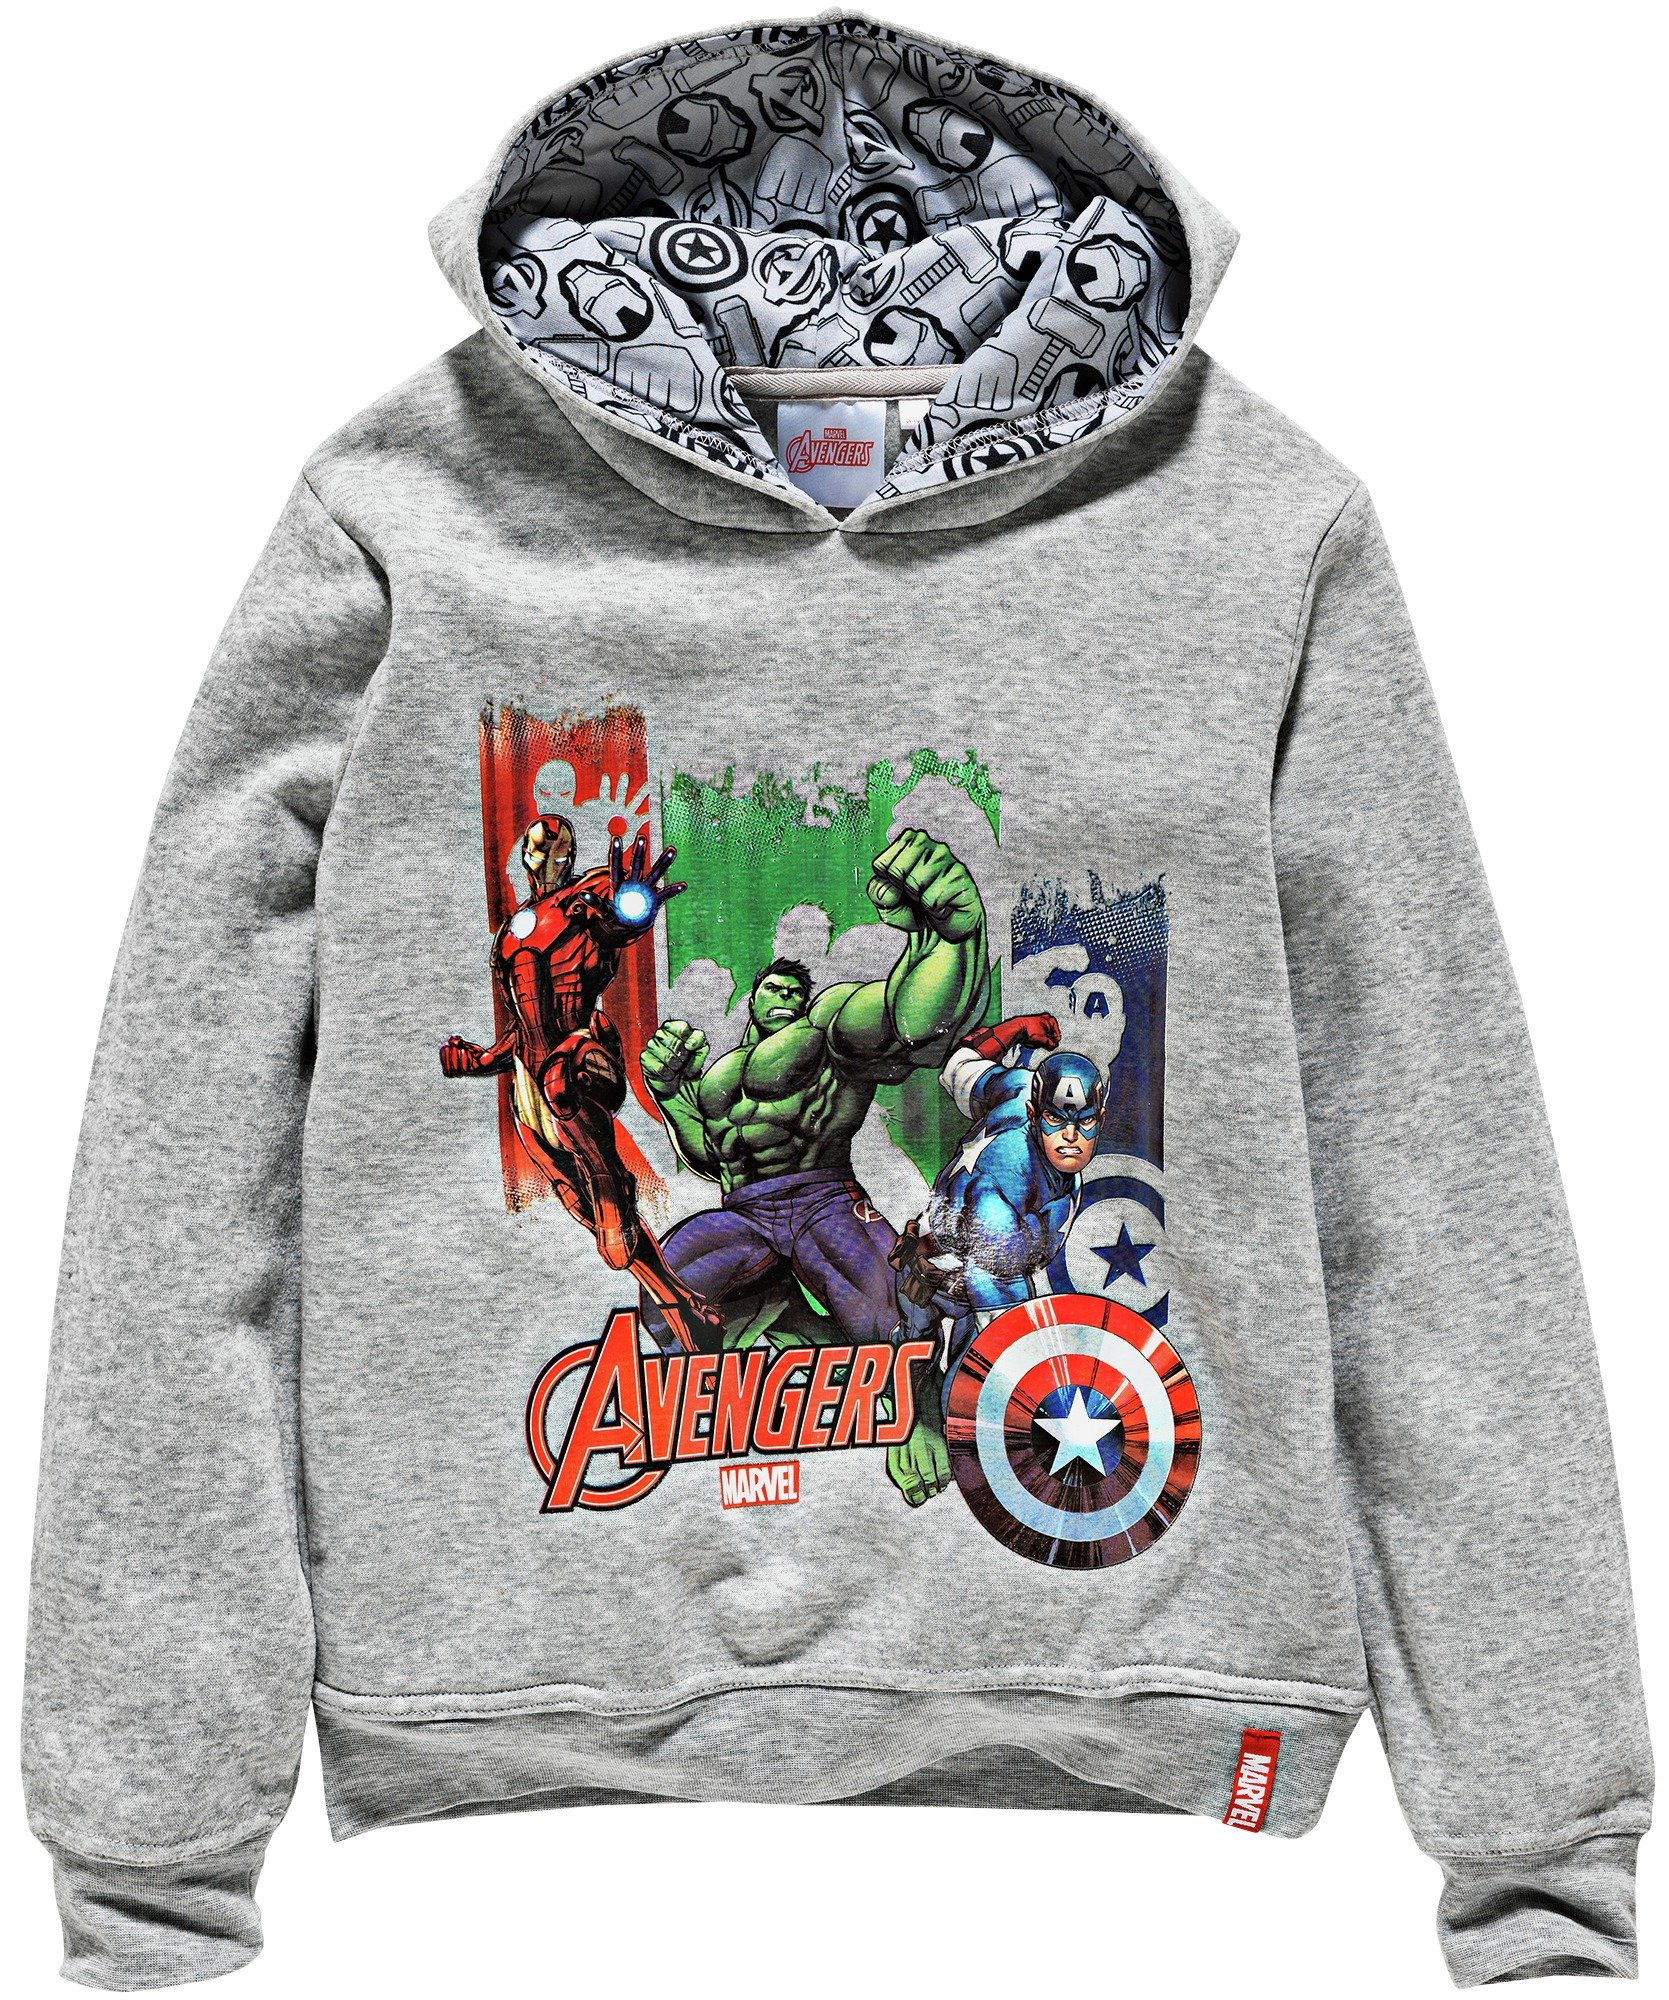 Image of Avengers Grey Hoodie - 5-6 Years